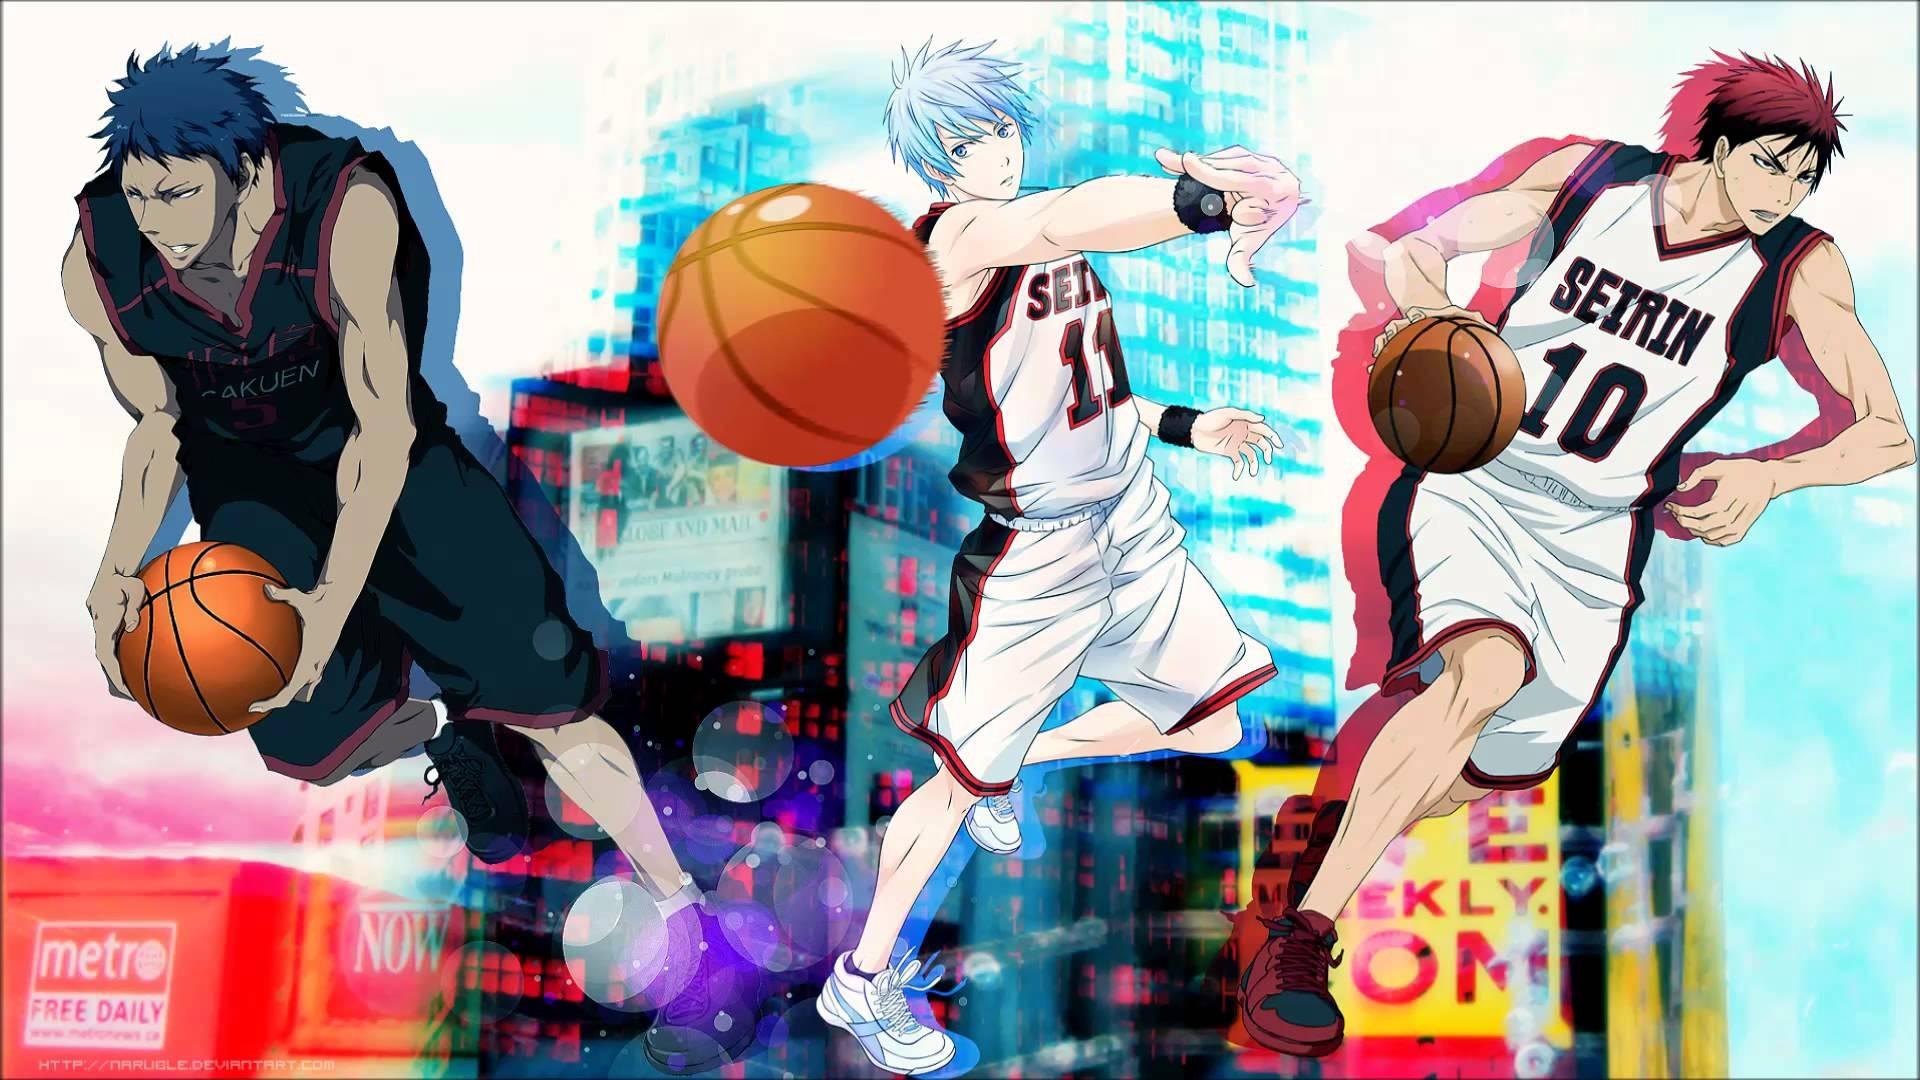 Illustration Anime Kuroko No Basket 1920x1080 Px